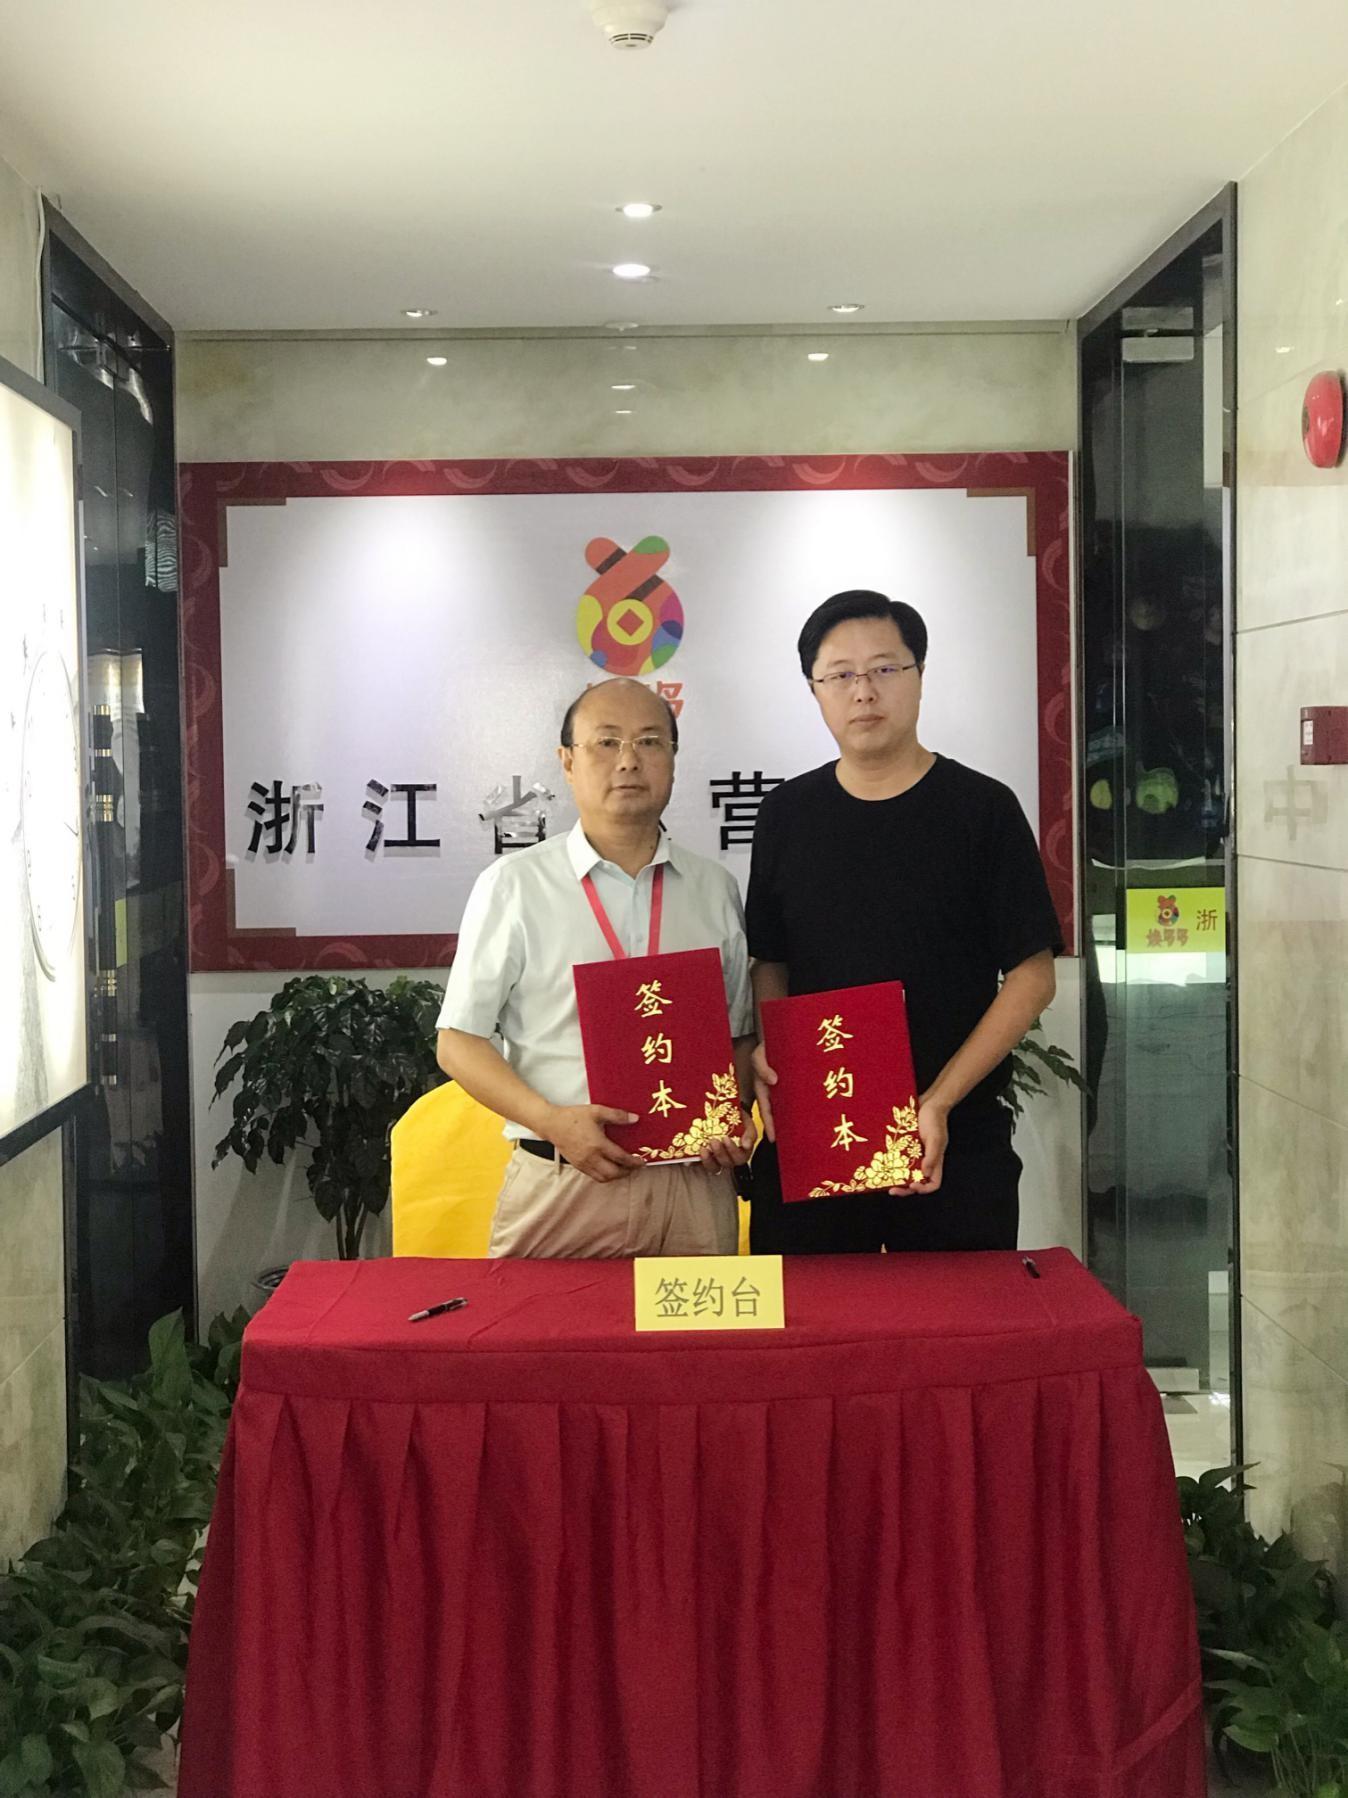 中国网书画艺术栏目和焕多多...